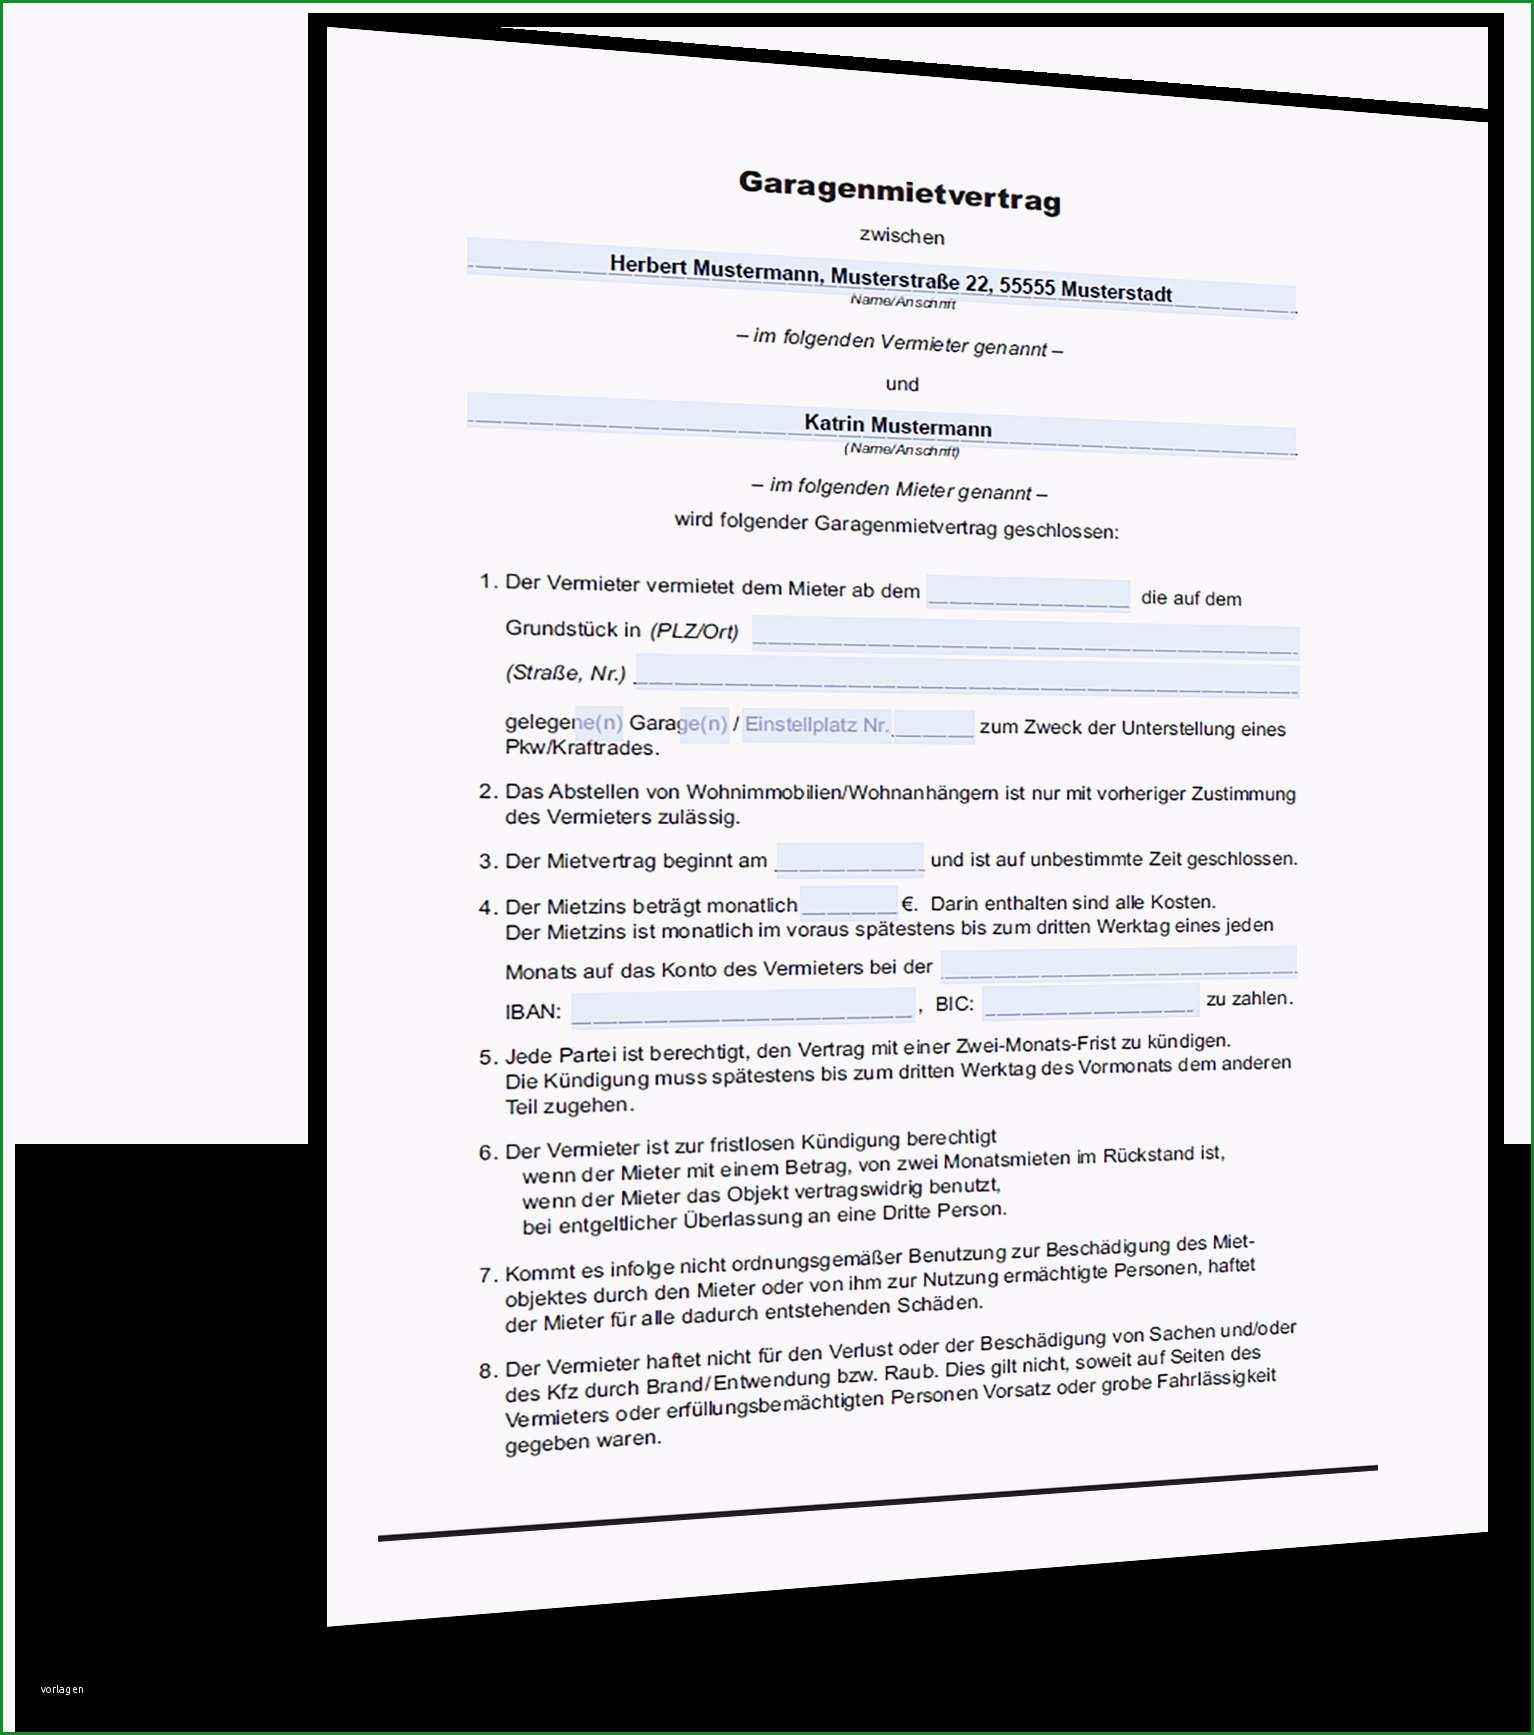 untermietvertrag vorlage word untermietvertrag muster vorlage zum 2